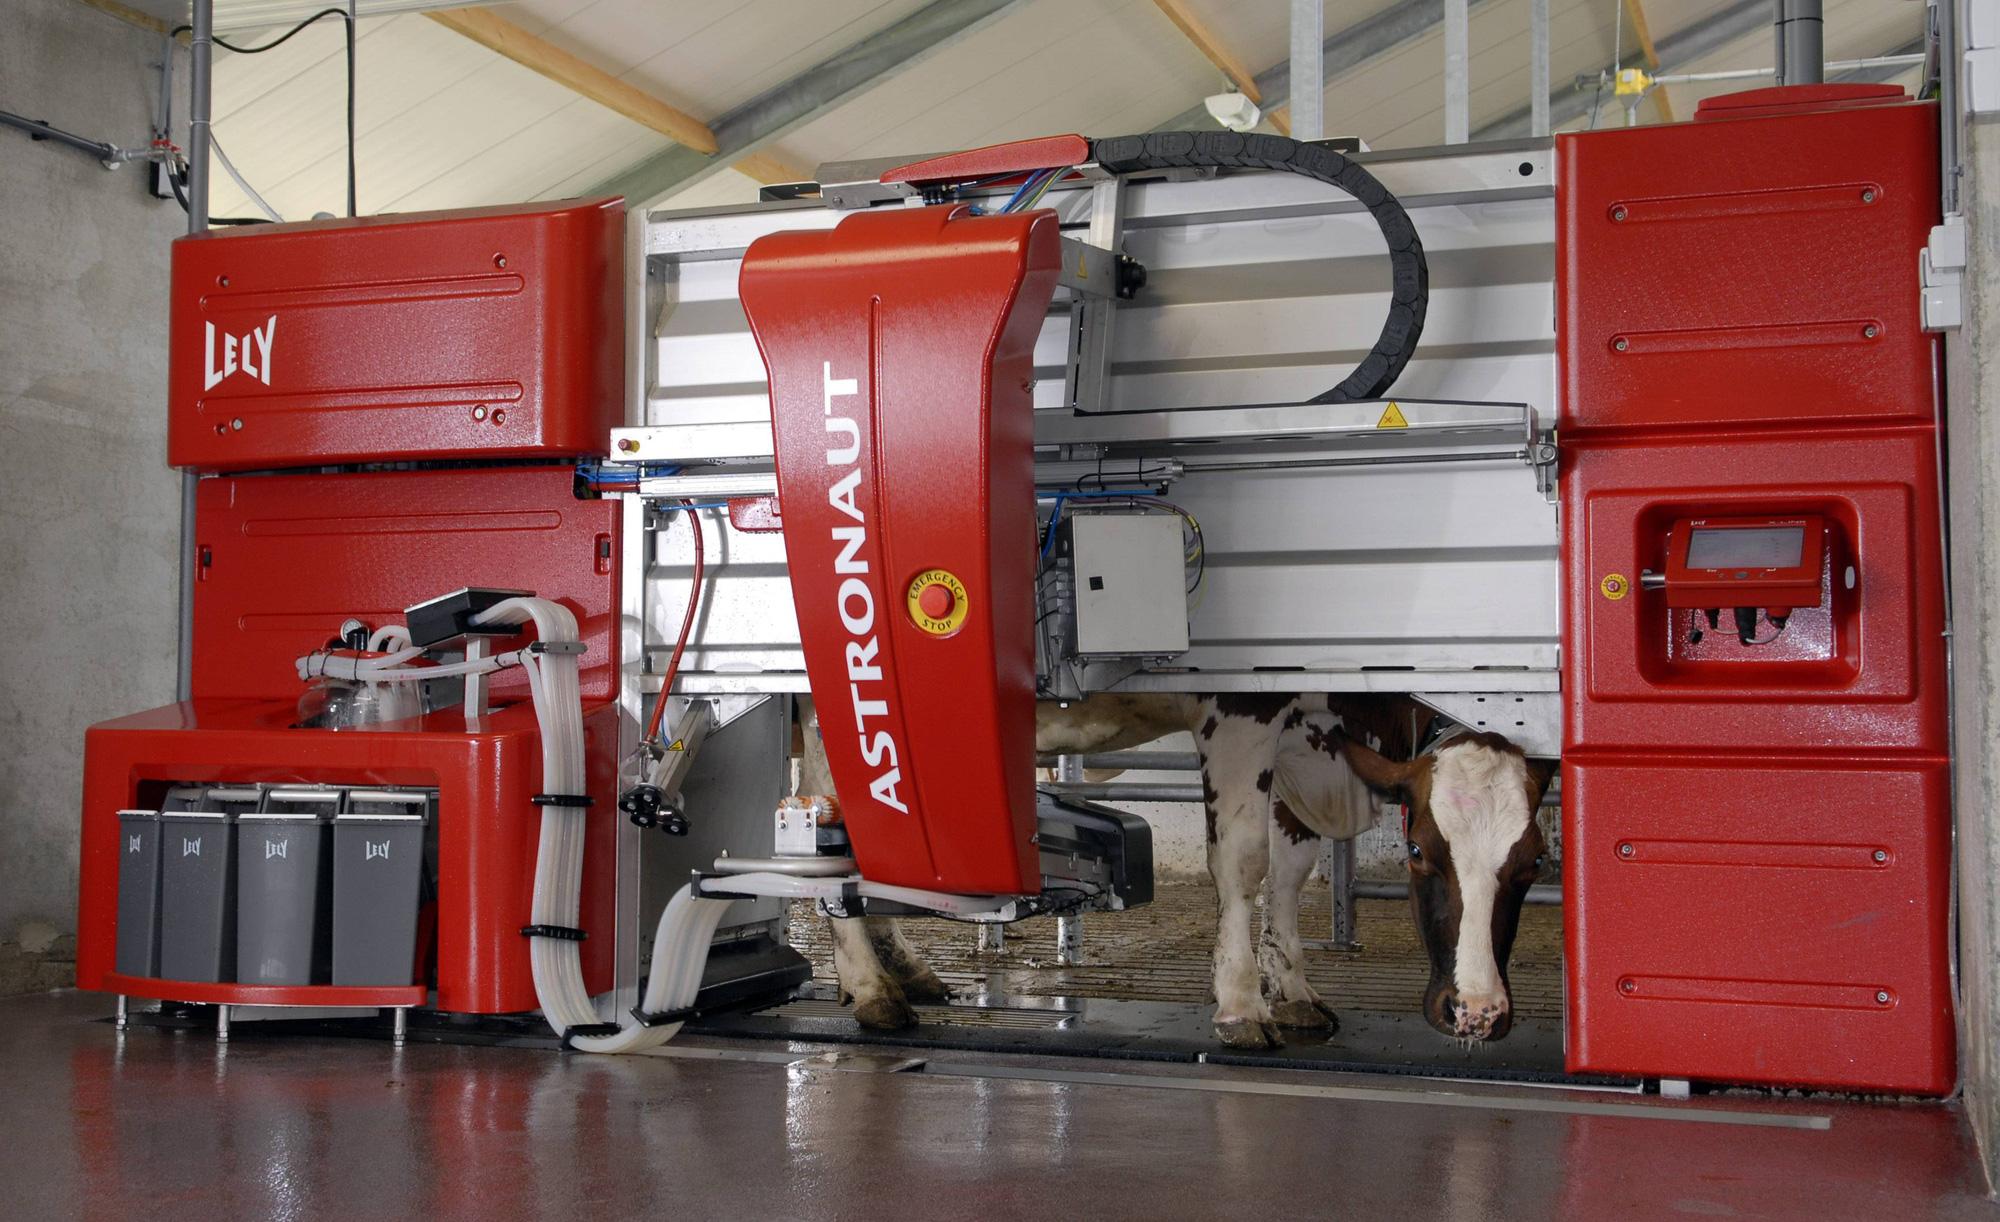 5 loại máy nông nghiệp hàng đầu thế giới giúp canh tác hiện đại và năng suất hơn - Ảnh 2.